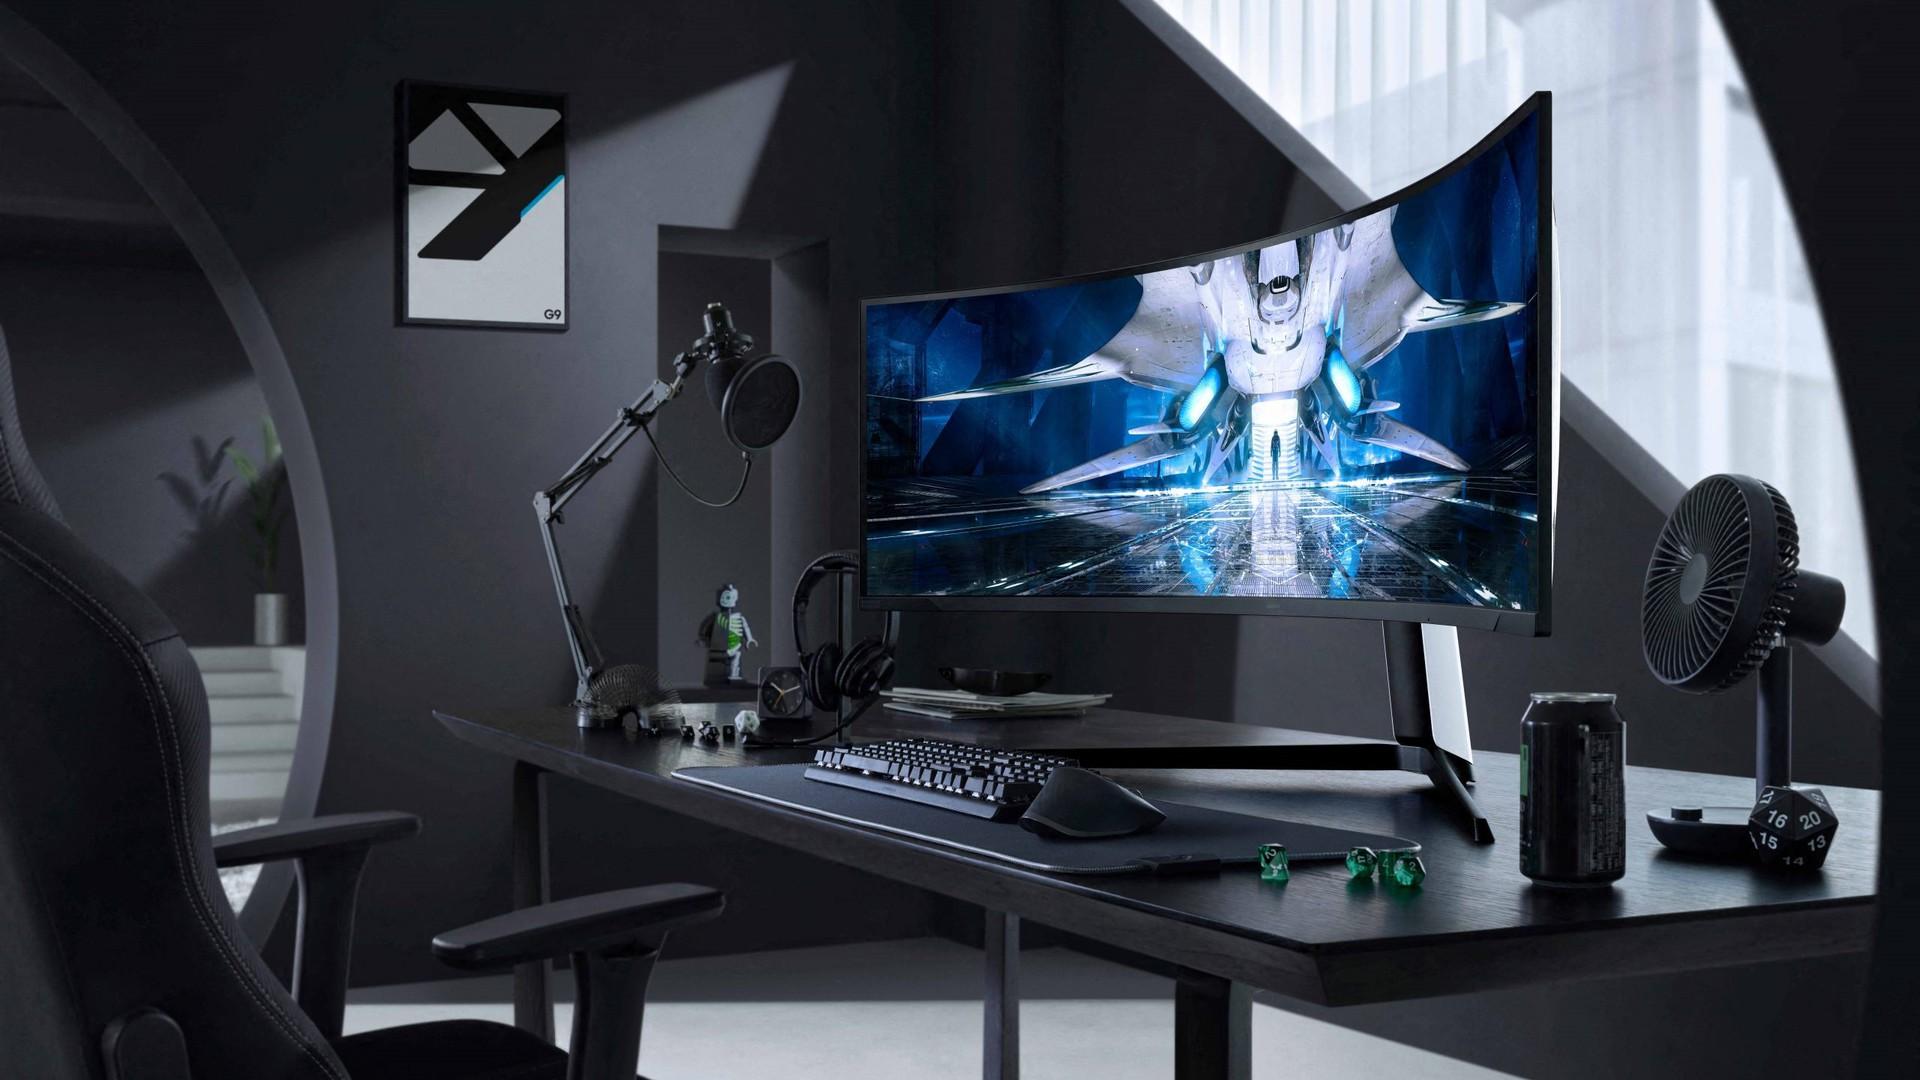 Odyssey Neo G9 on desk